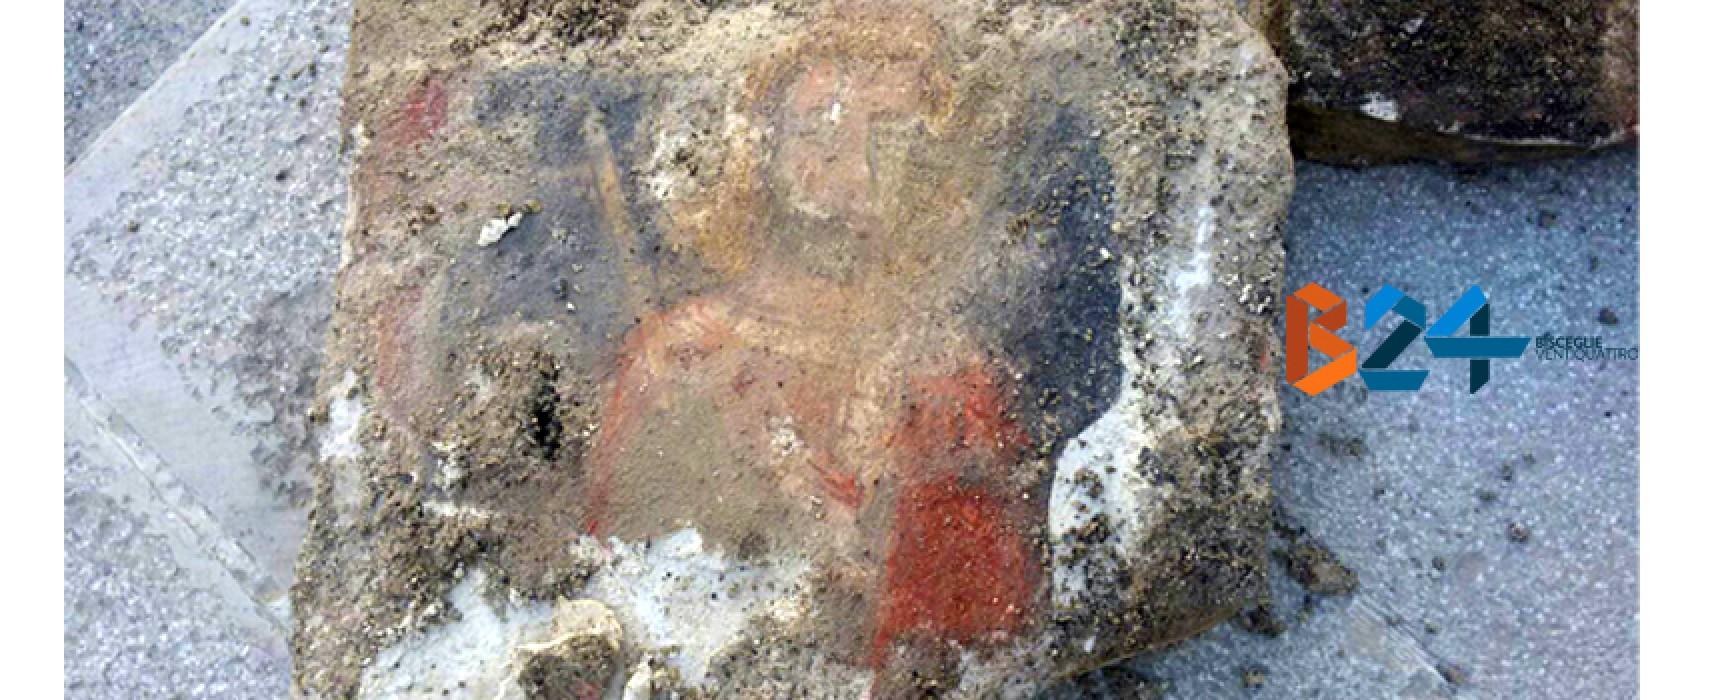 Affresco ritrovato in Largo Castello, Soprintendenza valuta possibilità di scavi nell'area